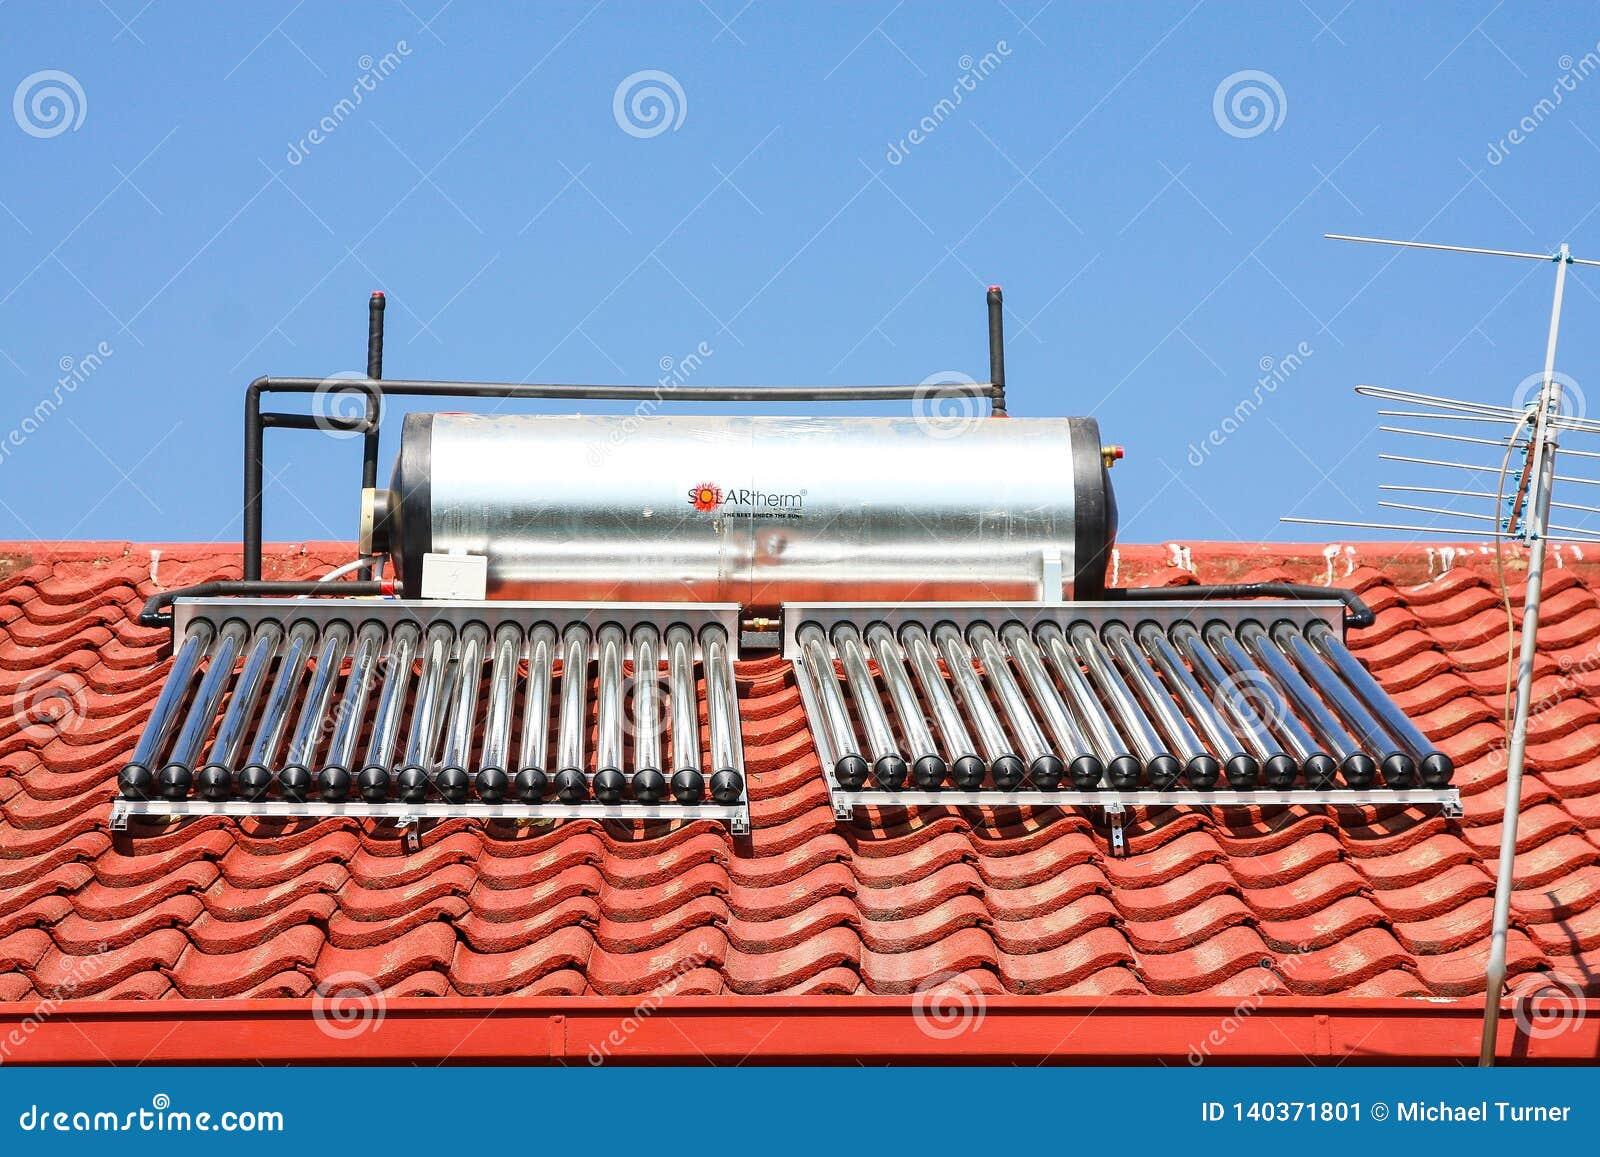 Solarwarmwasserbereitungs-Rohre auf einem Dach